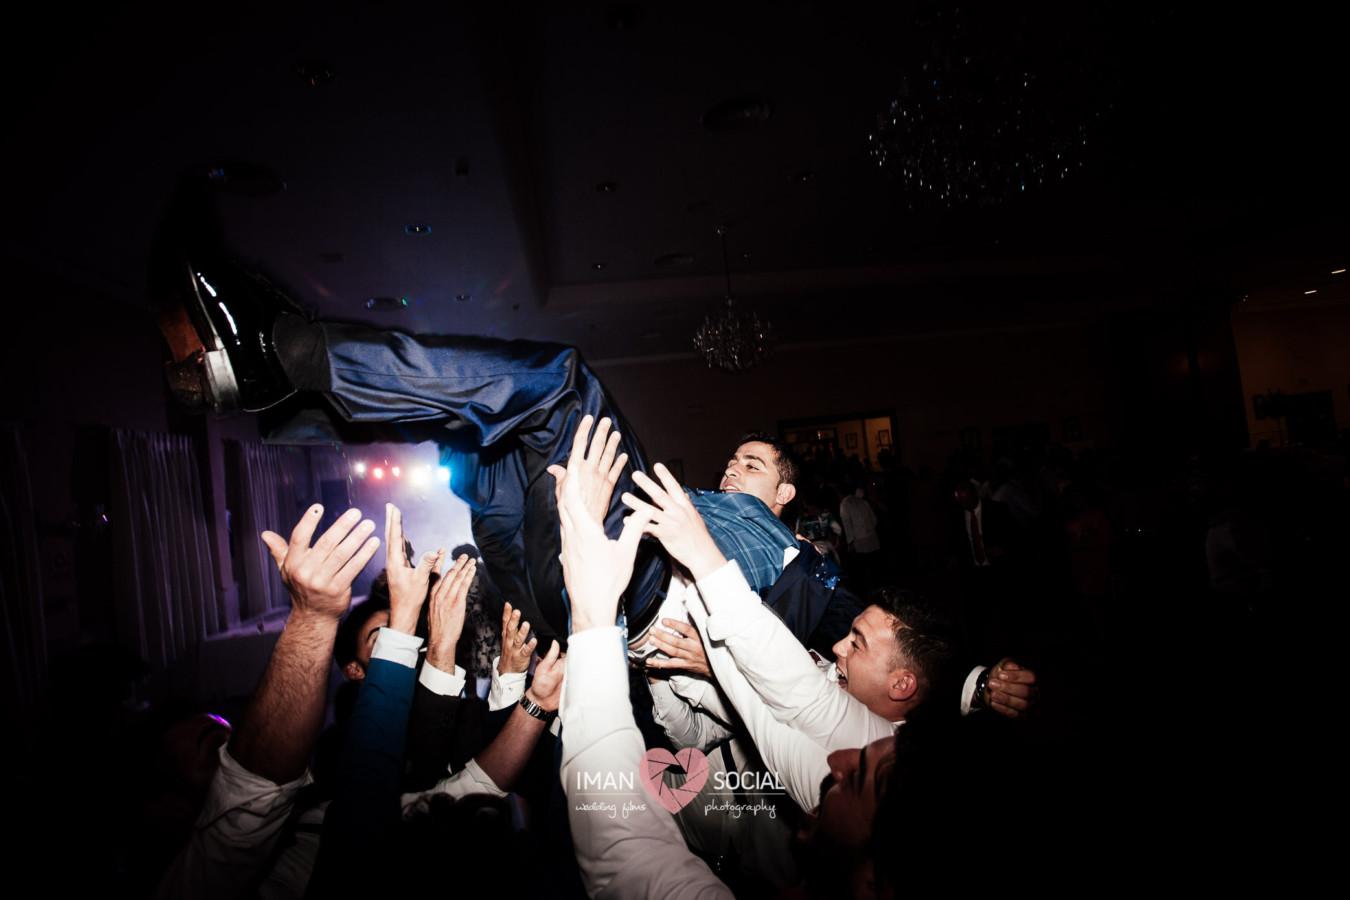 fotografo-de-boda-en-cordoba-sevilla-posadas-boda-auxi-y-antonio-50 Auxi & Antonio, primera boda de la temporada - video boda cordoba